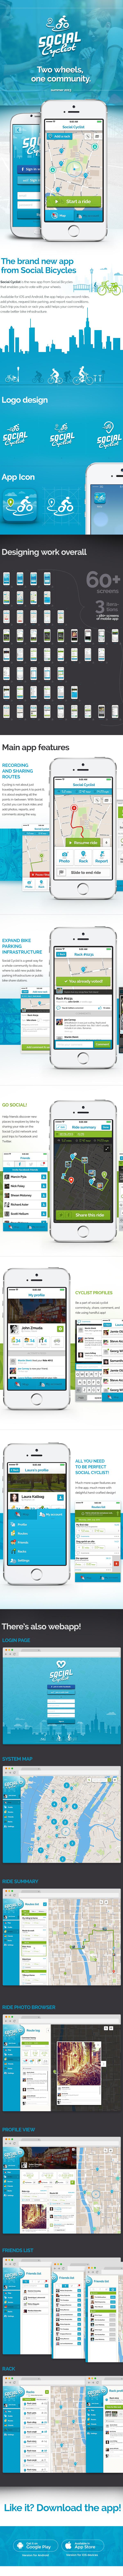 Bike cyclist social mobile app iphone android ios7 map mapbox rack sobi socy rzmota leftbrain